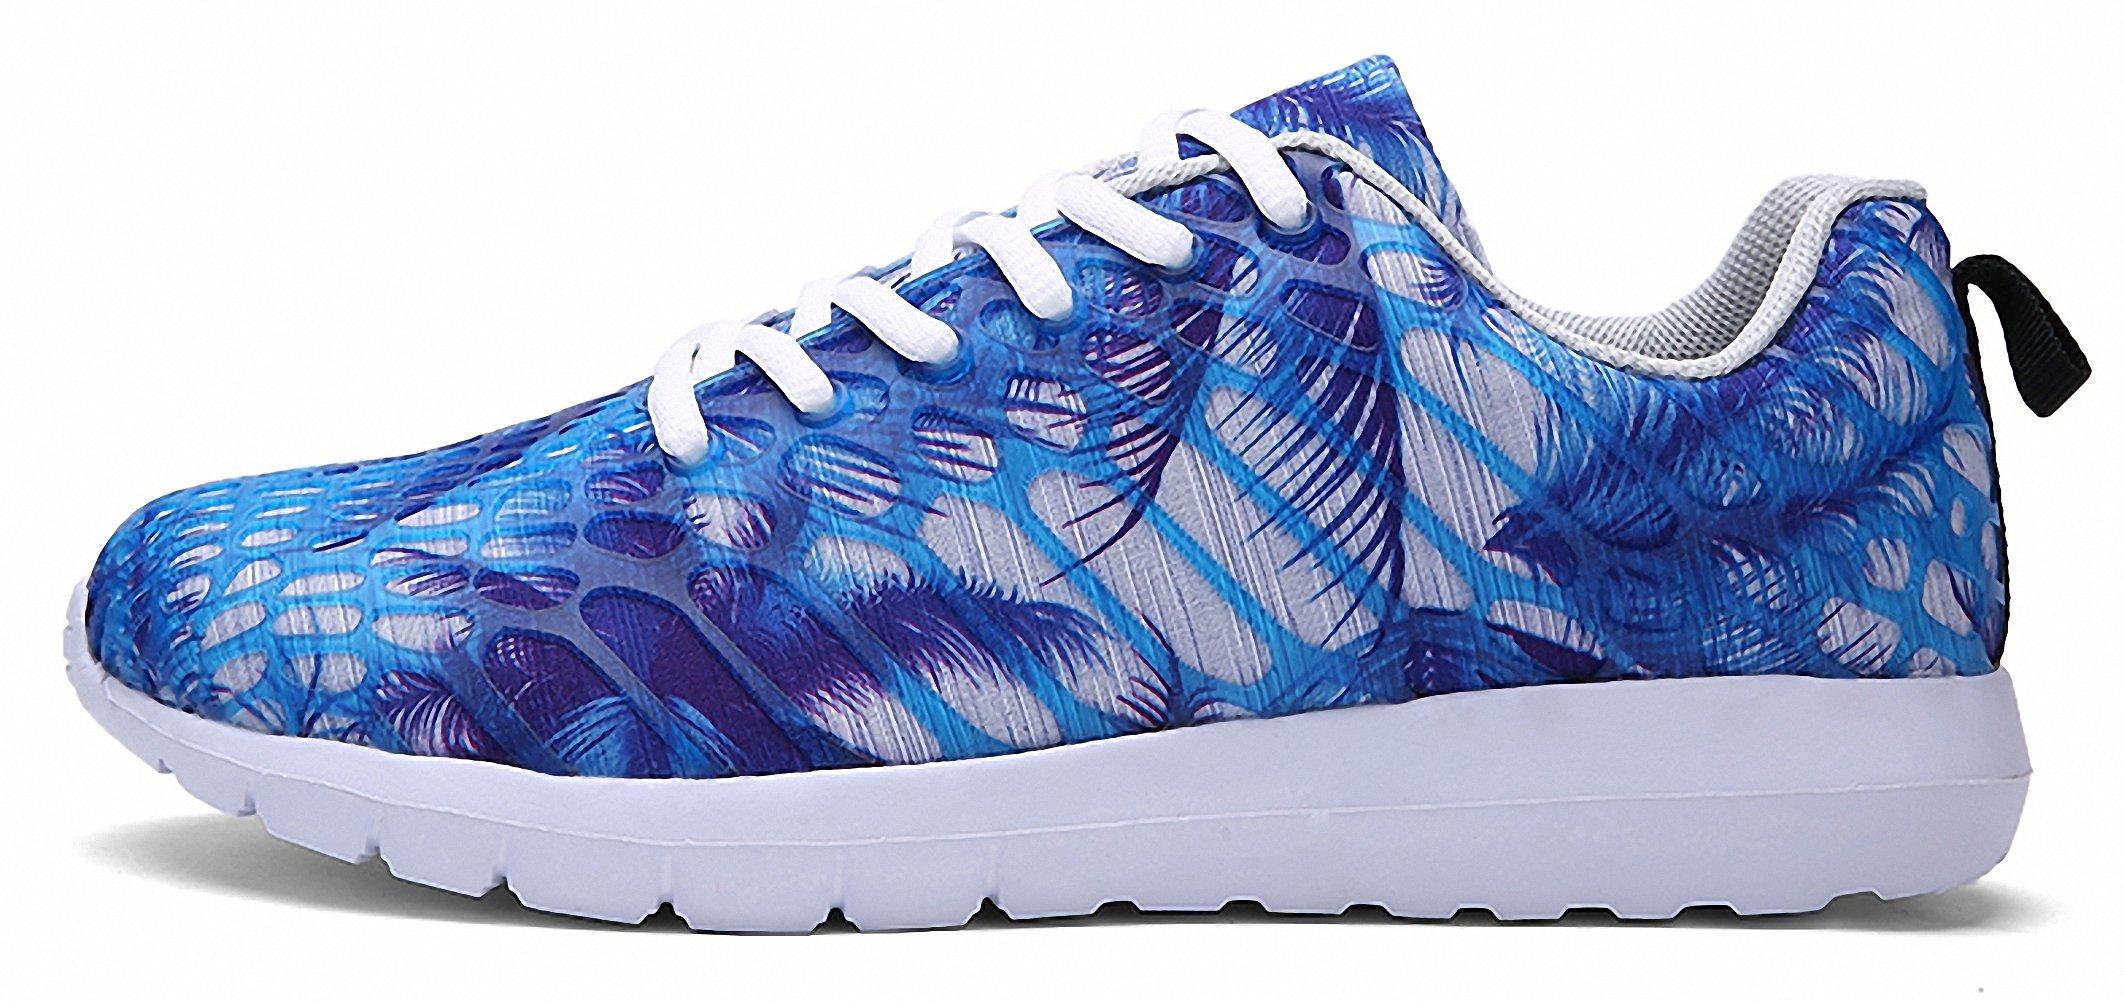 ZHENZHONG Women's Cool Fashion Sneakers Running Sport Shoes Blue for Walking Jogging by ZHENZHONG (Image #2)